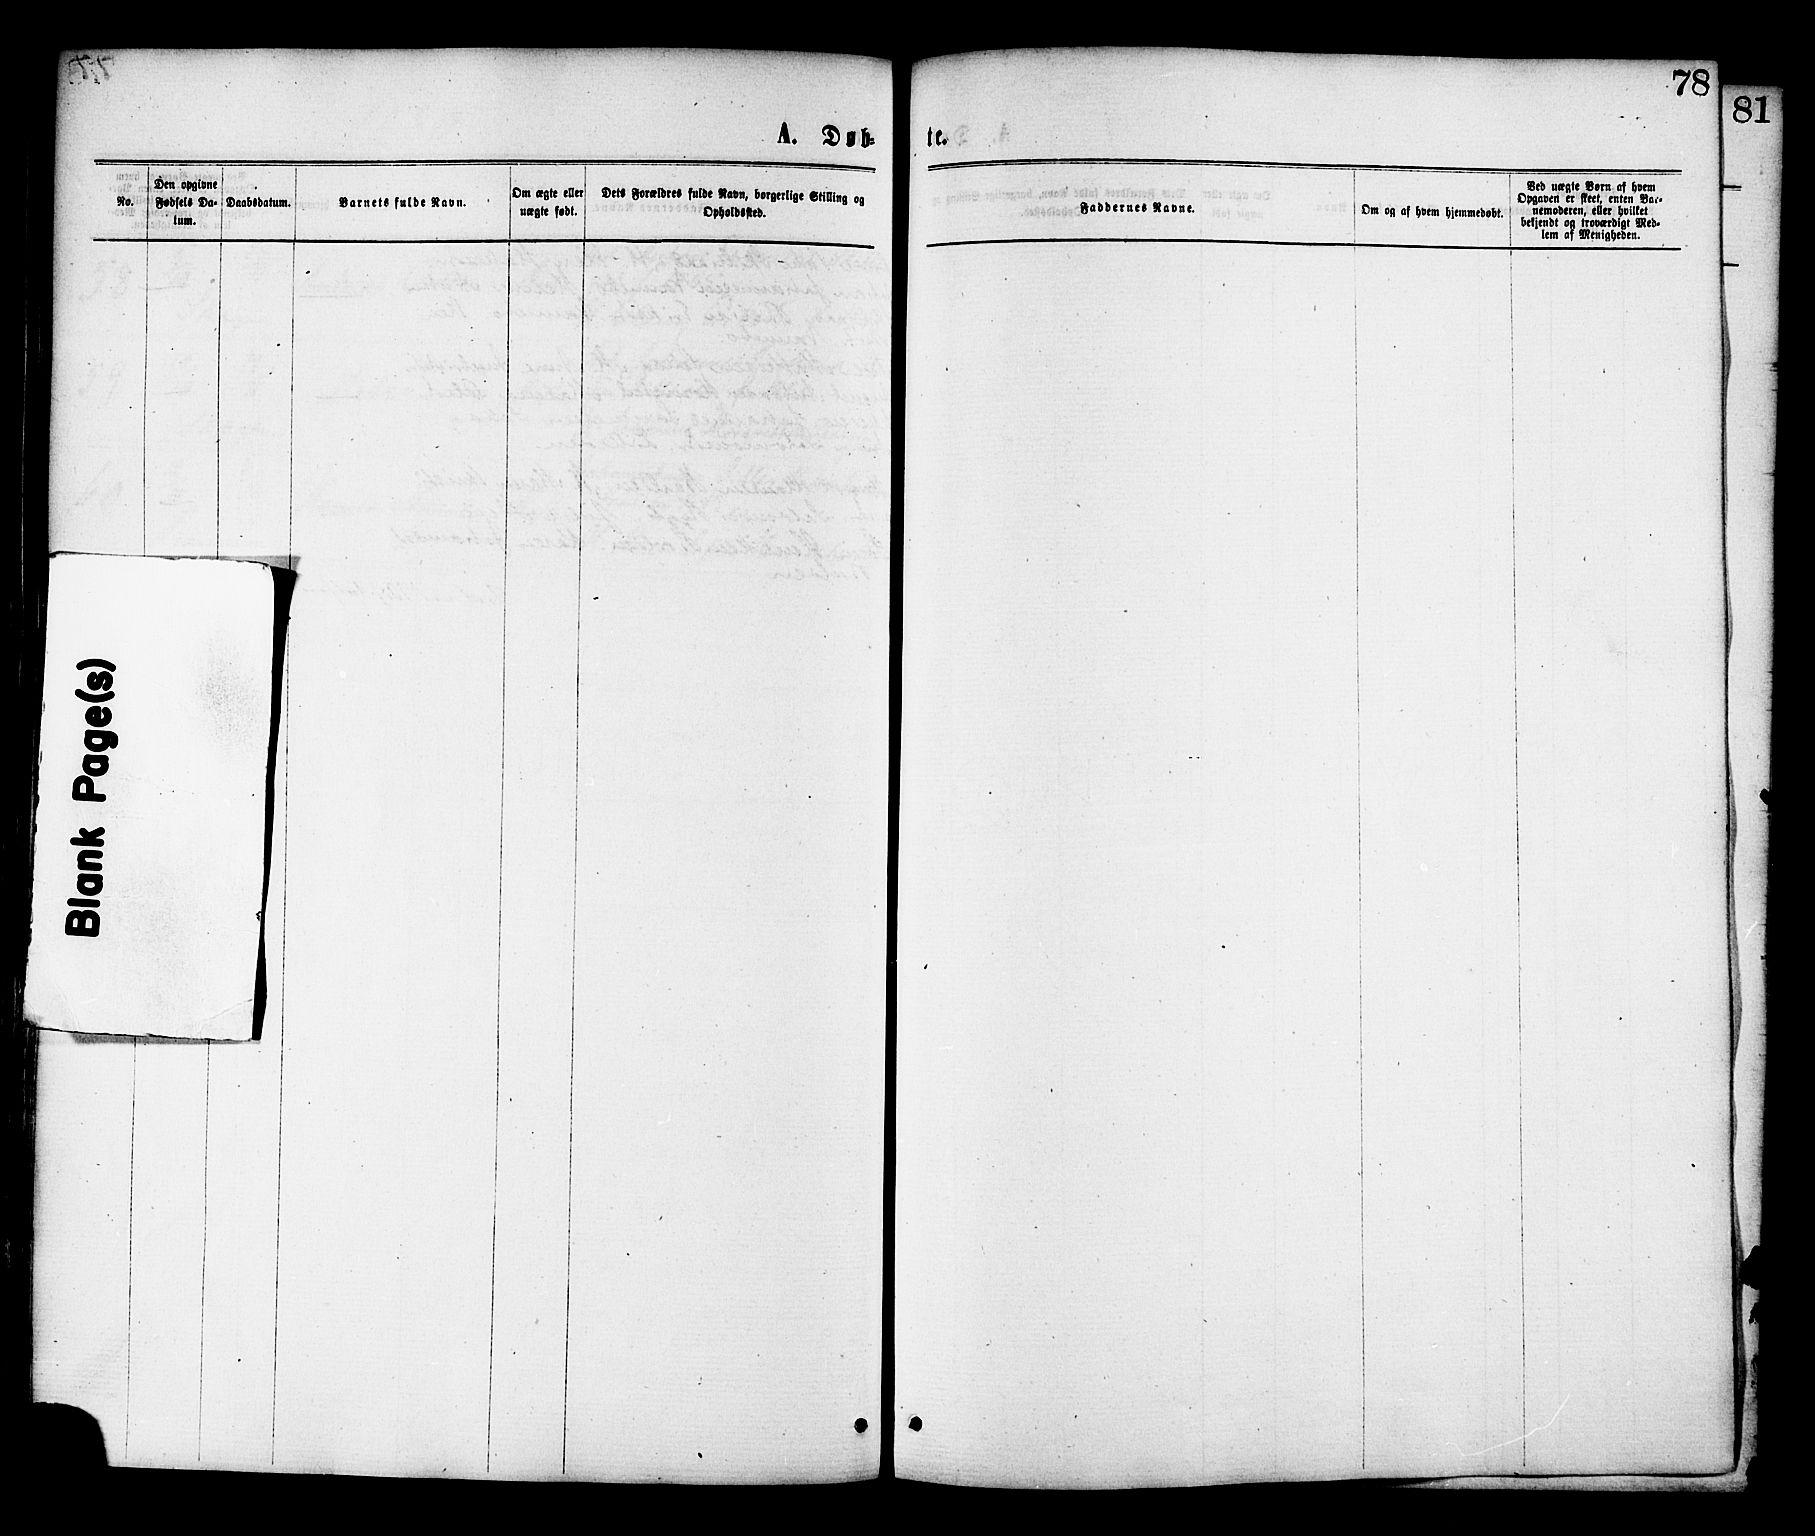 SAT, Ministerialprotokoller, klokkerbøker og fødselsregistre - Nord-Trøndelag, 764/L0554: Ministerialbok nr. 764A09, 1867-1880, s. 78